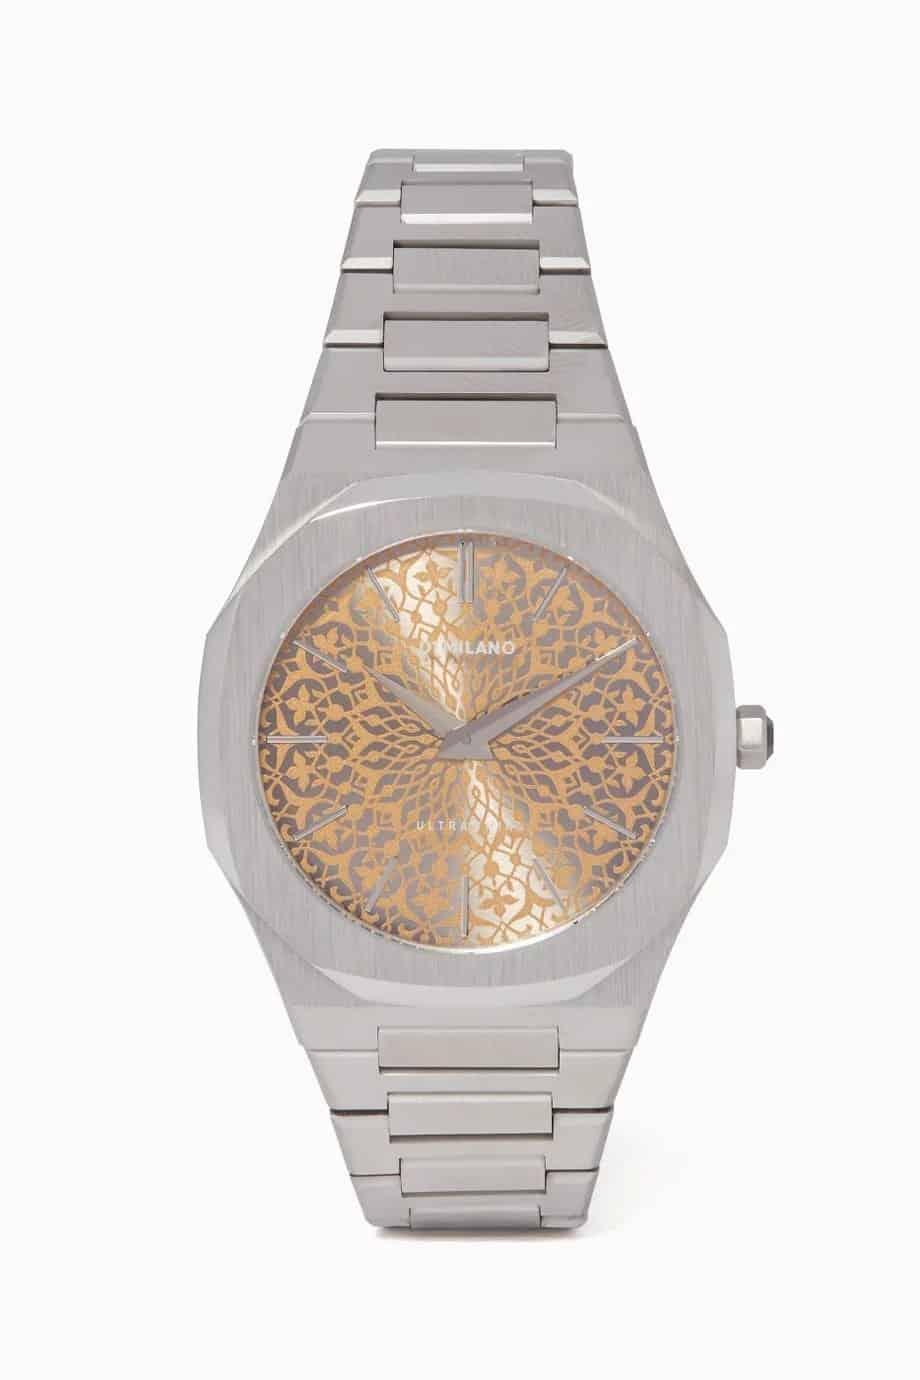 ساعة بتصميم رفيع فضي وذهبي وردي